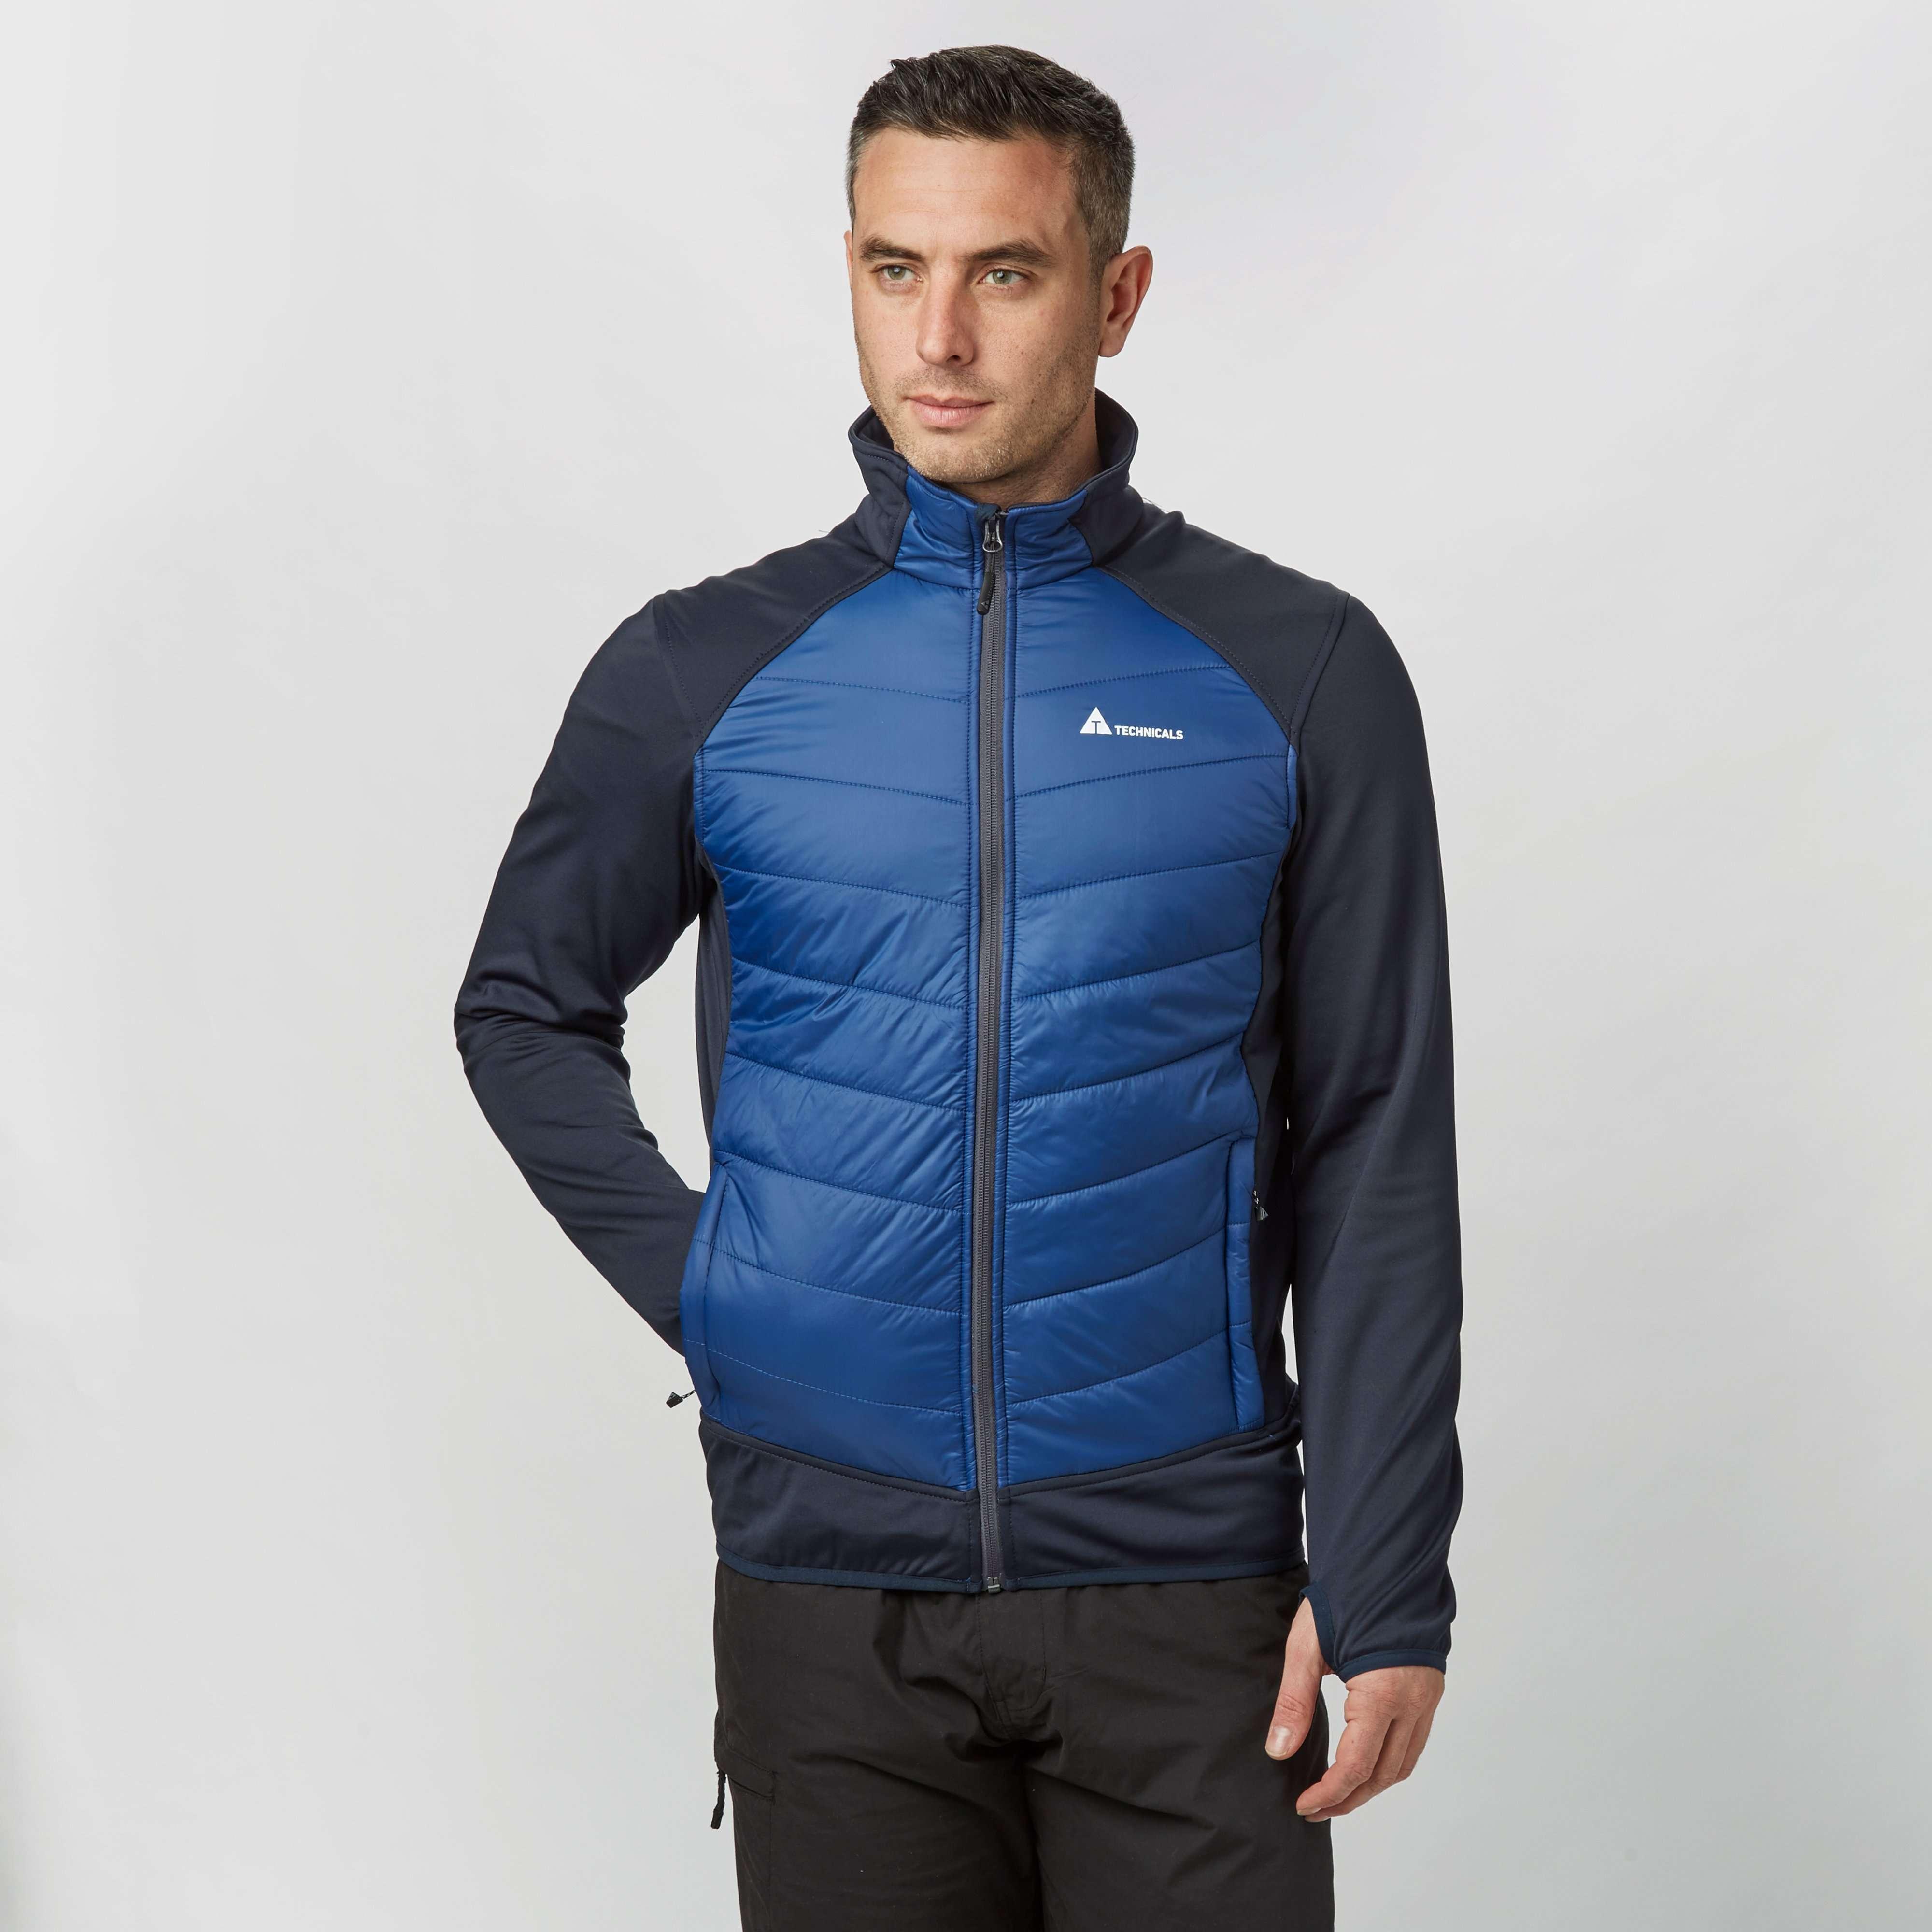 TECHNICALS Men's Active Jacket